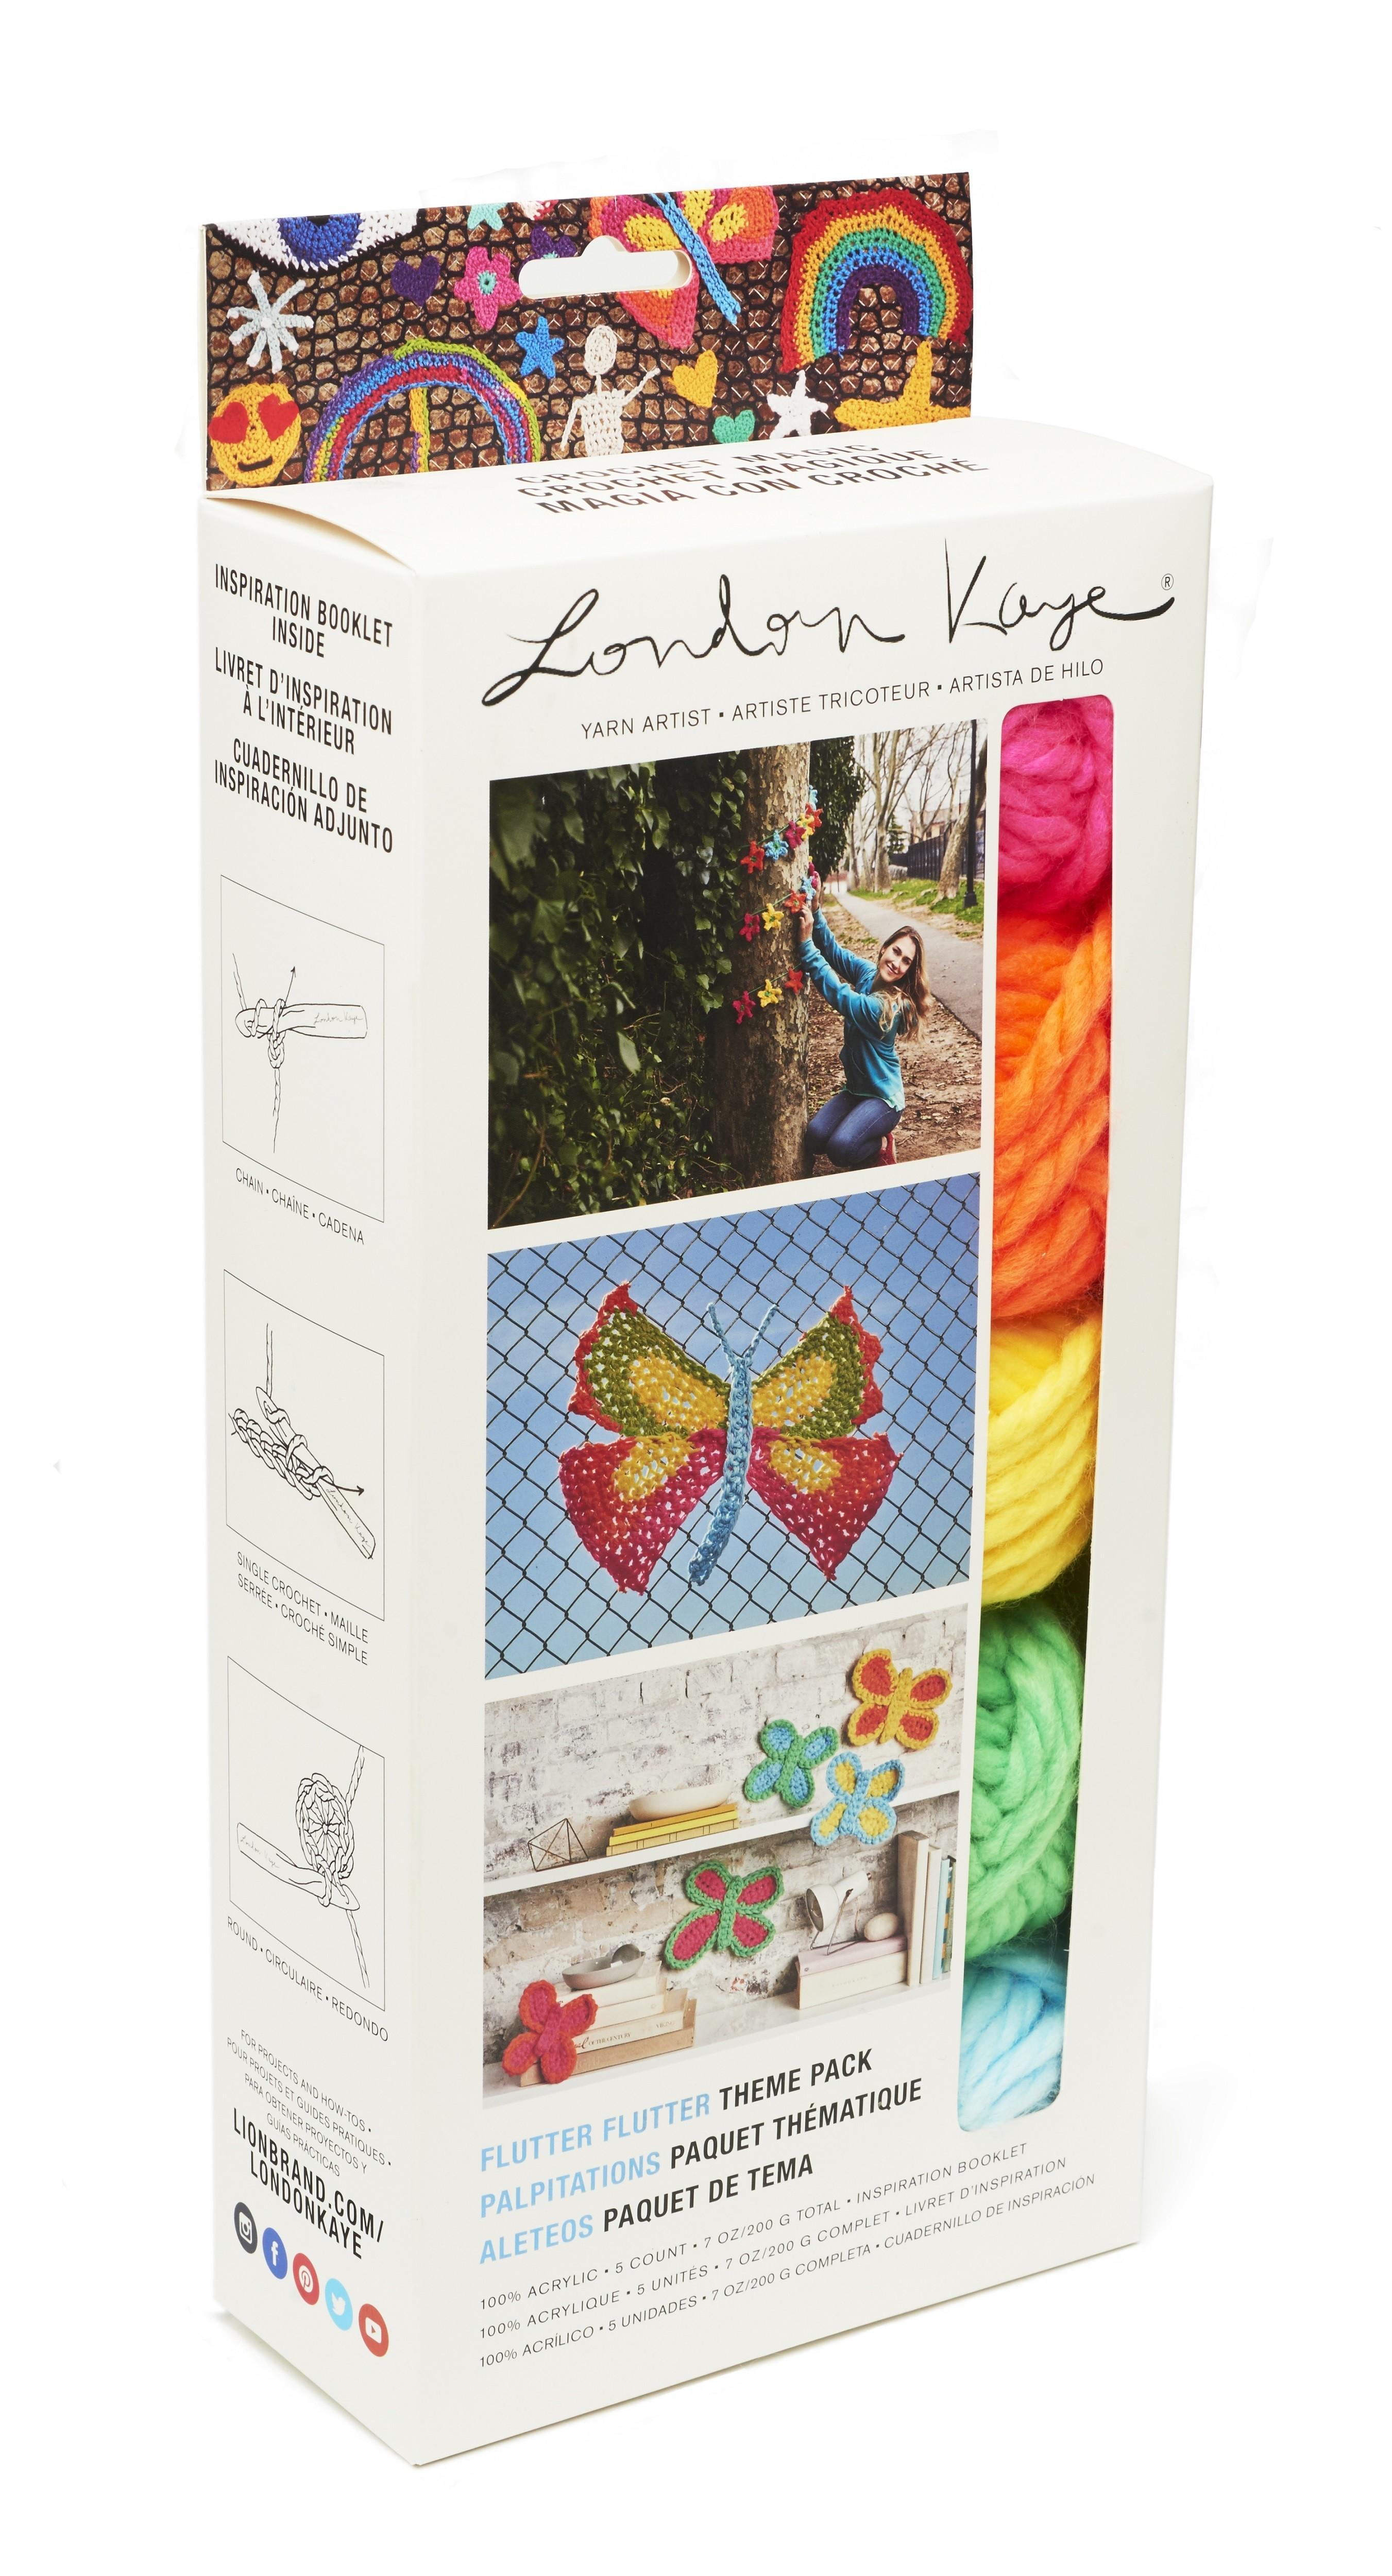 Cute Tiny Amigurumi Patterns | Crochet amigurumi free patterns ... | 5000x2702